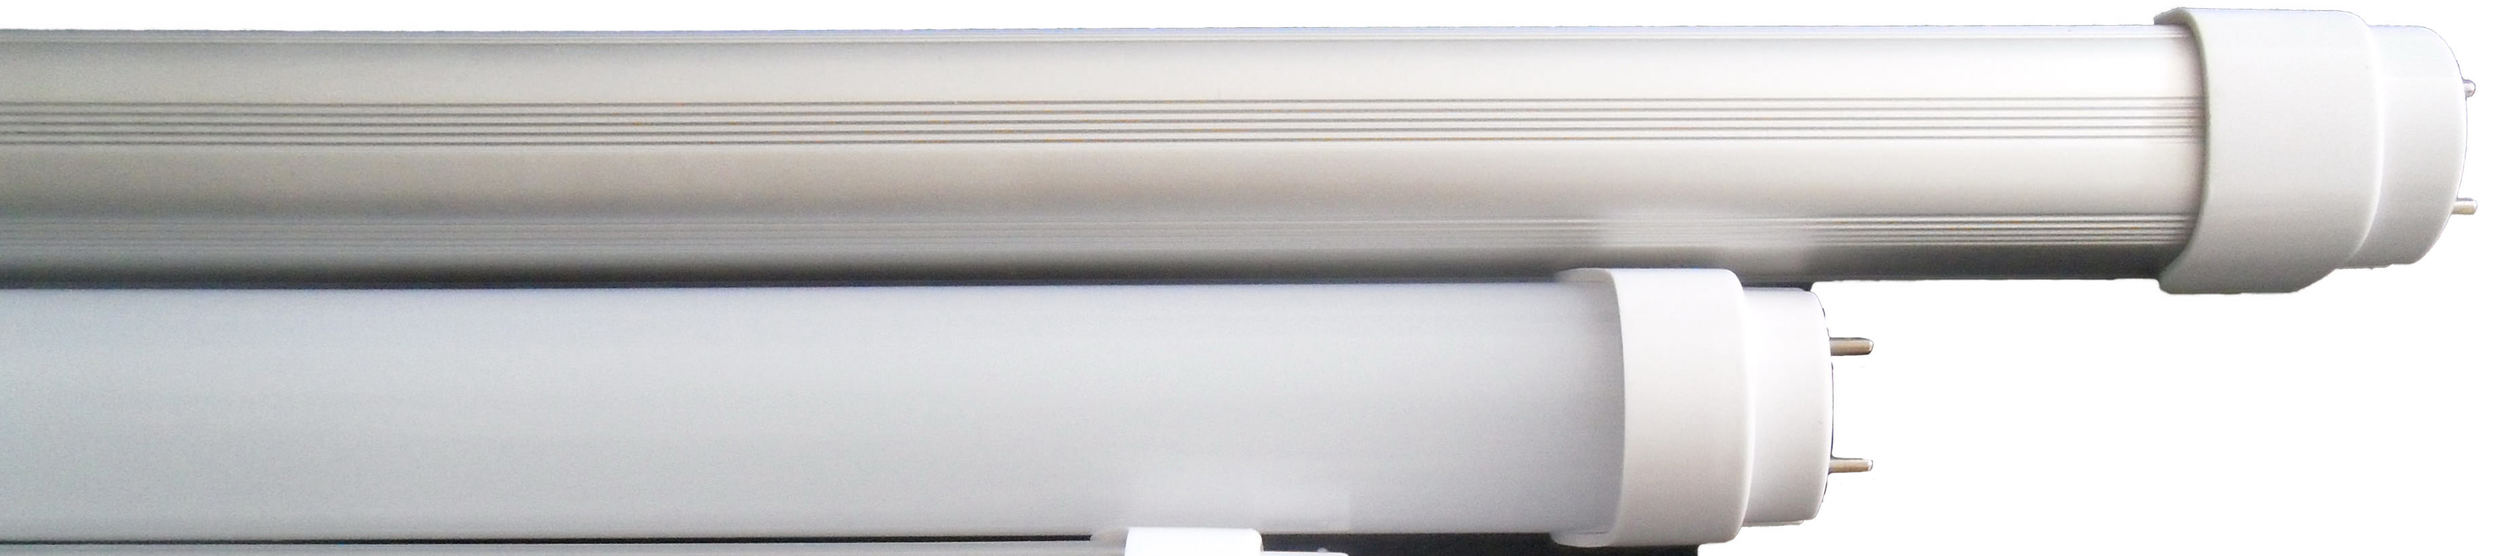 Awaken LED Lighting - Lxi LED Linear Tubes